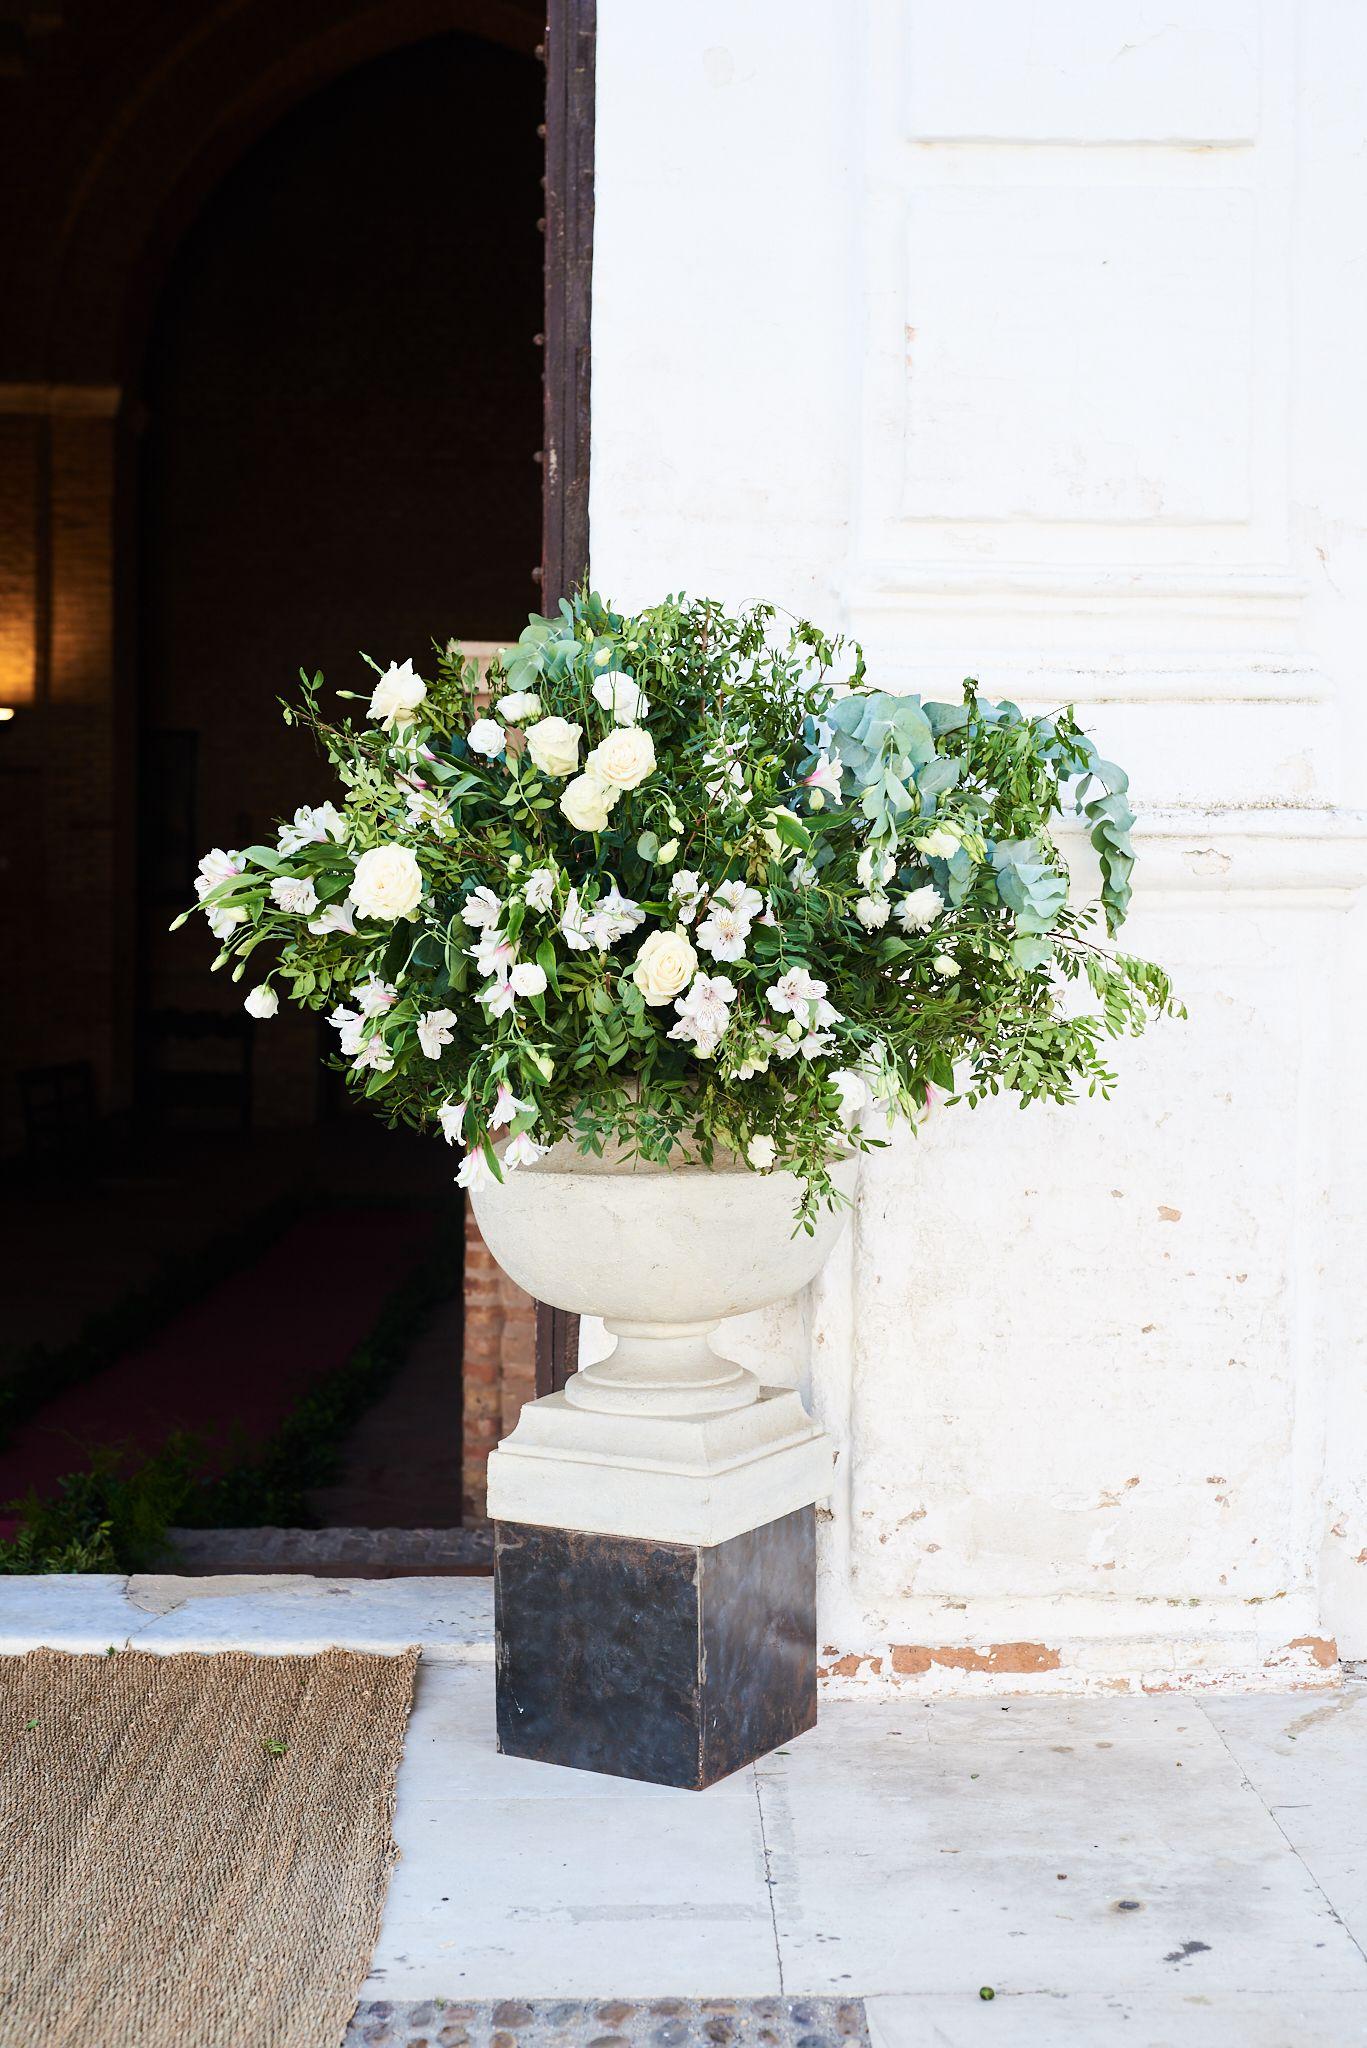 La-22Destination-Wedding22-en-Moguer-de-Lauren-y-JosC3A9-Antonio-JoseAntonio-alejandromarmol0785.jpg